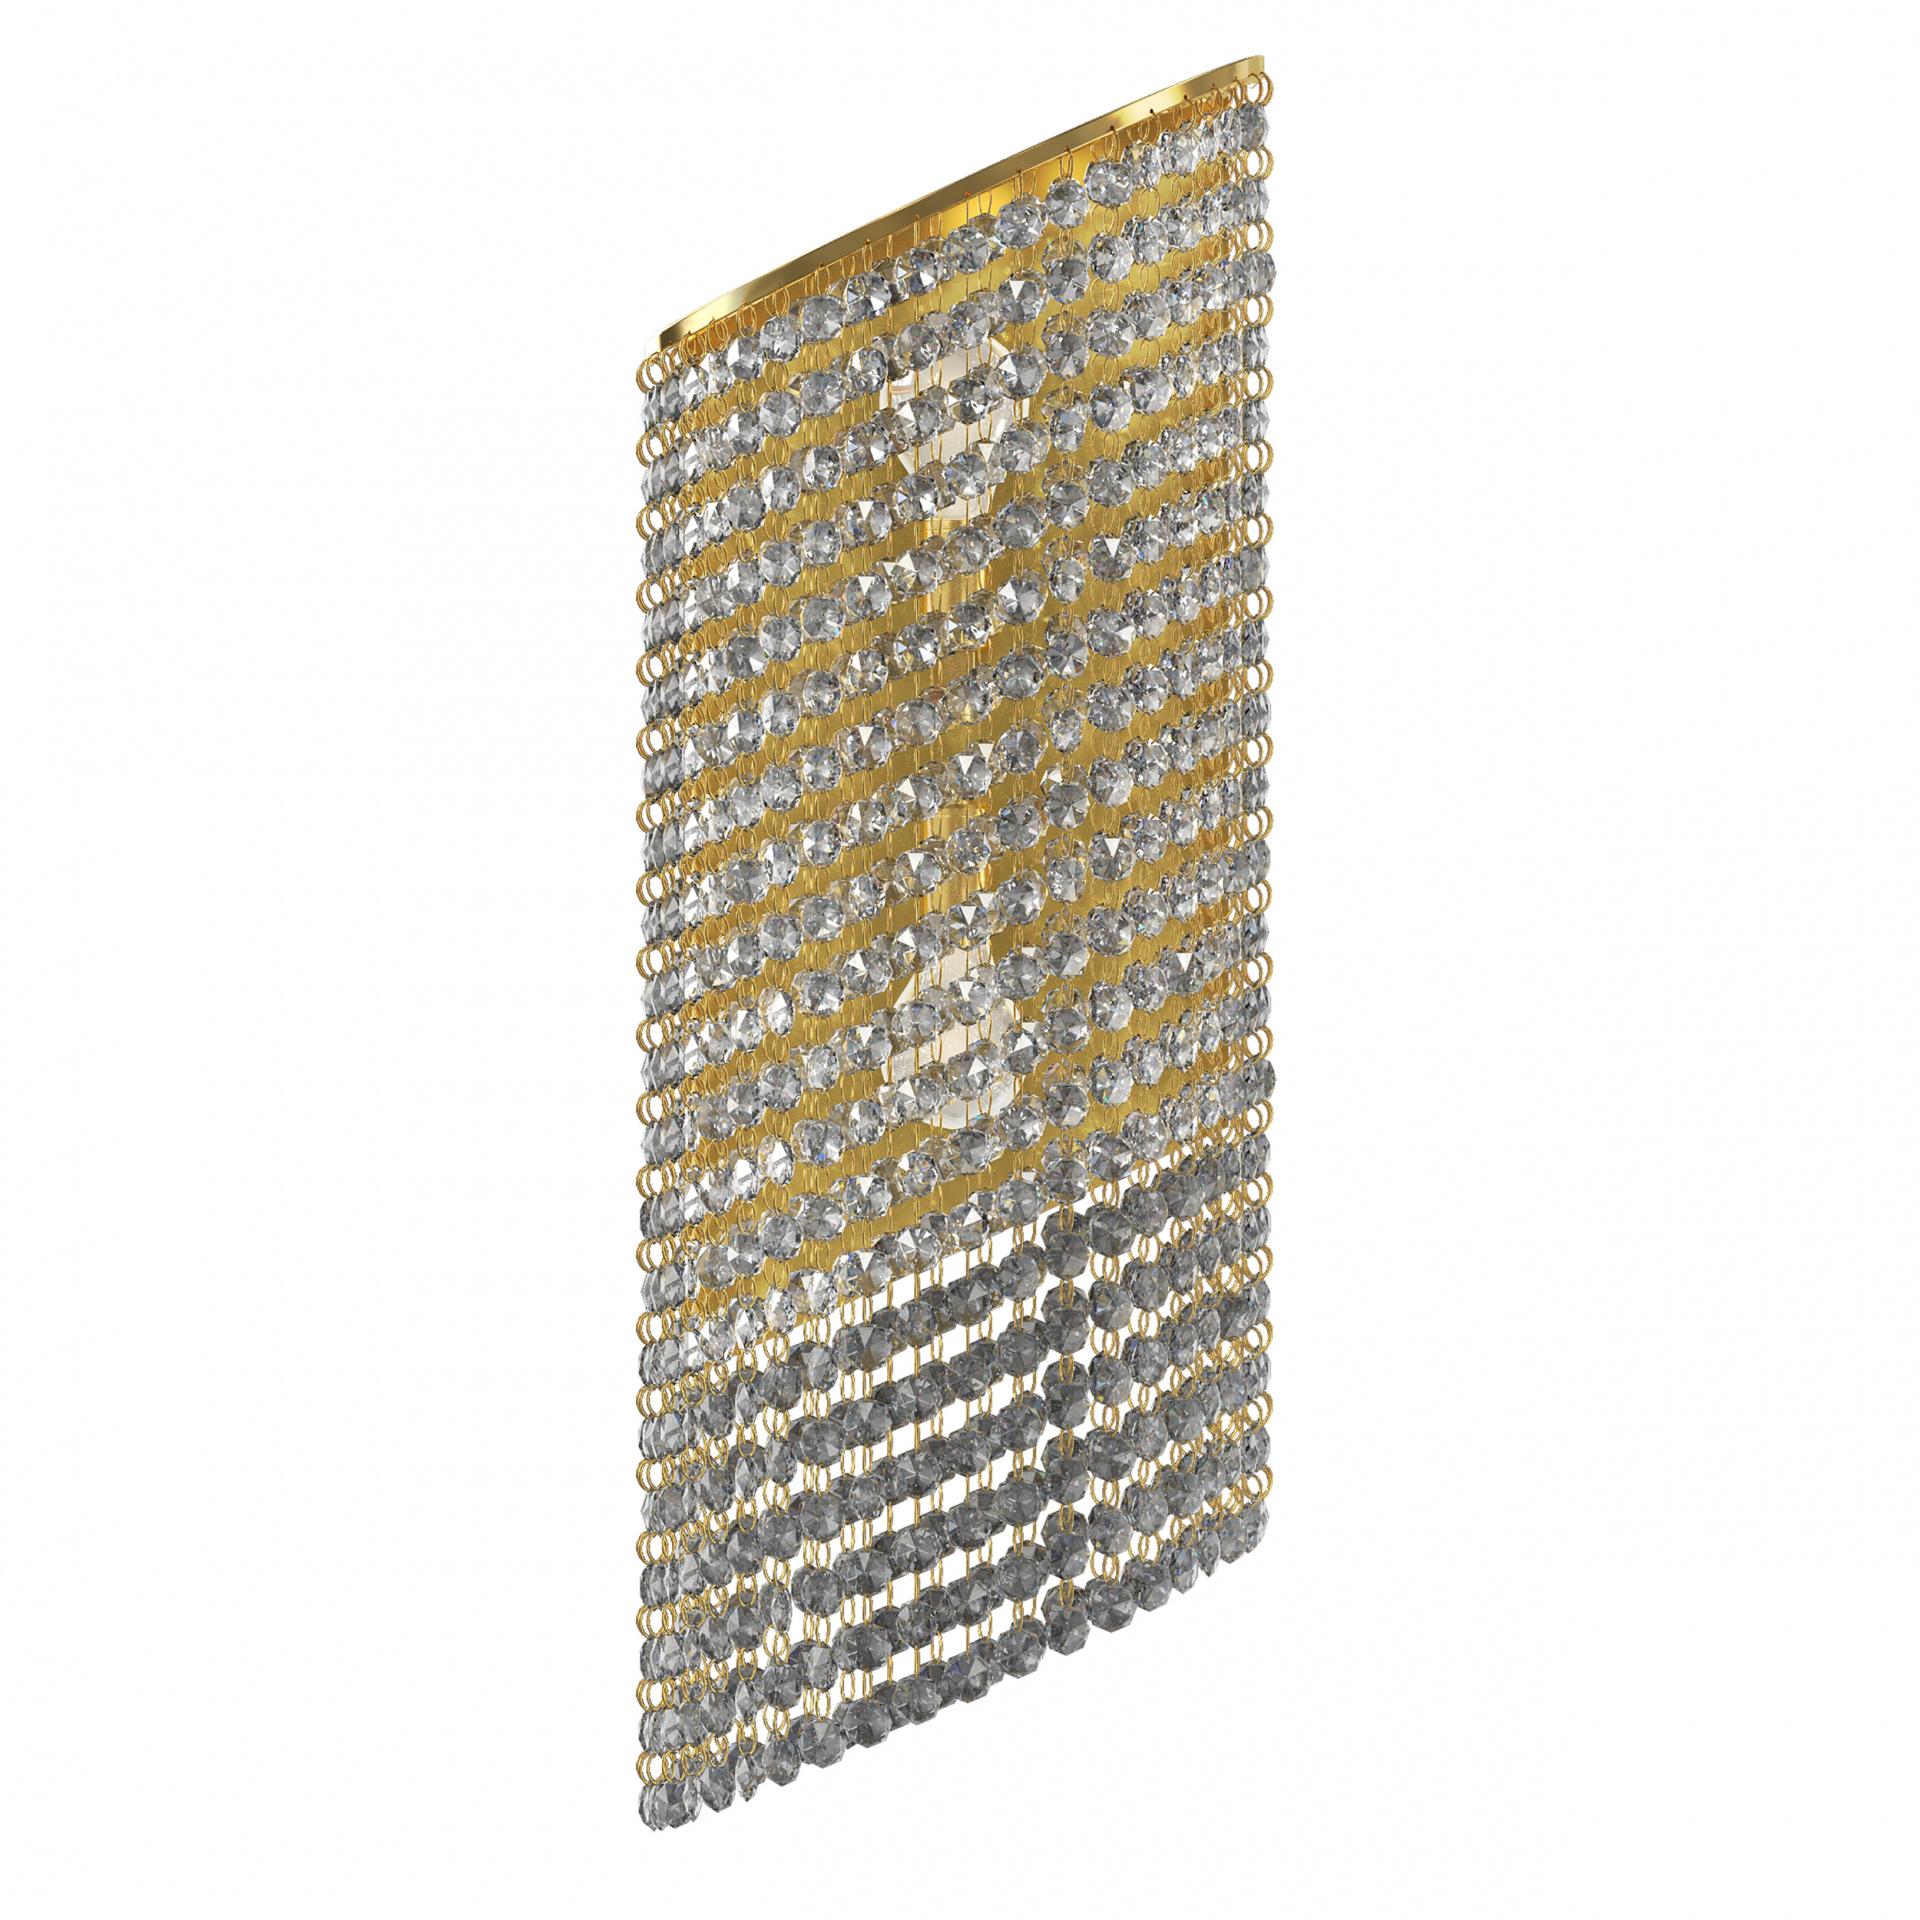 Бра Nuvola 2х40W E14 24K золото Osgona 709632, купить в СПб, Москве, с доставкой, Санкт-Петербург, интернет-магазин люстр и светильников Starlight, фото в жизни